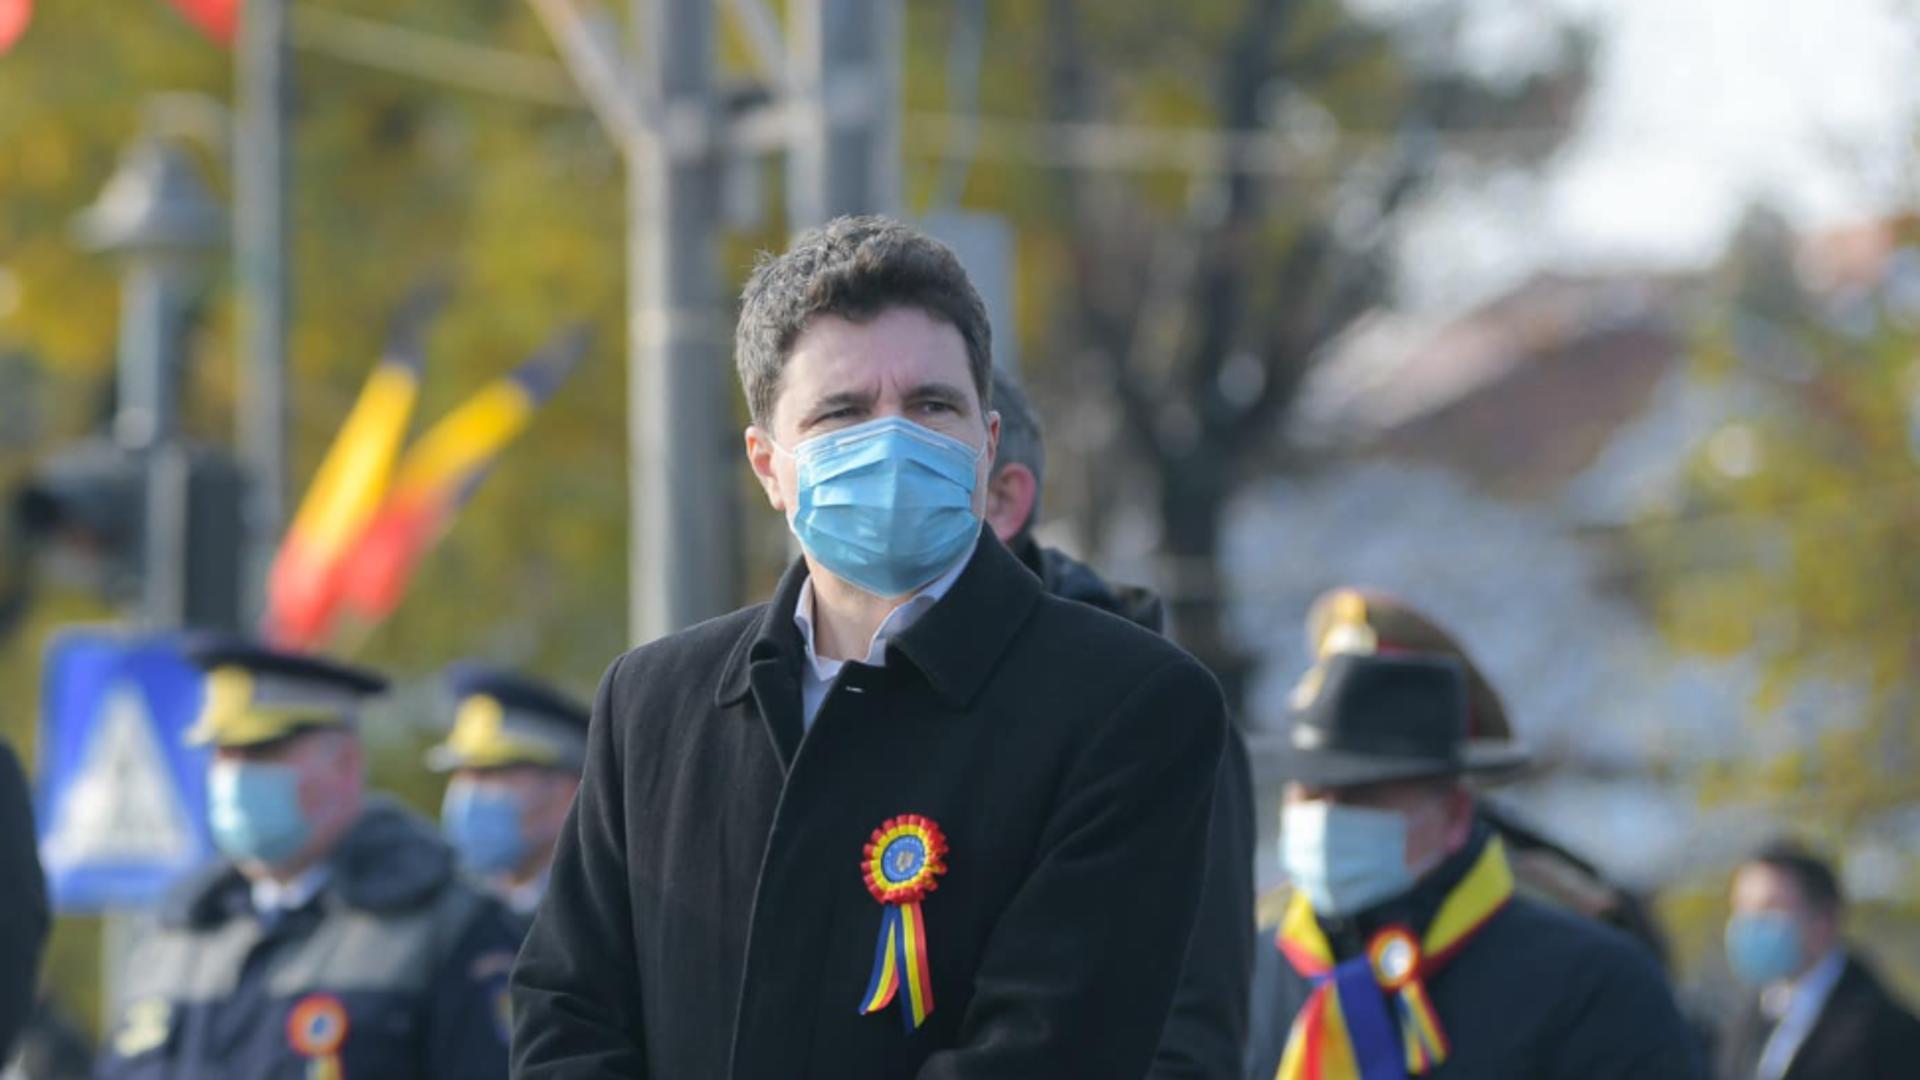 Nicușor Dan, primarul general al Capitalei, intră în carantină COVID-19 Foto: Inquam Photos/Octav Ganea